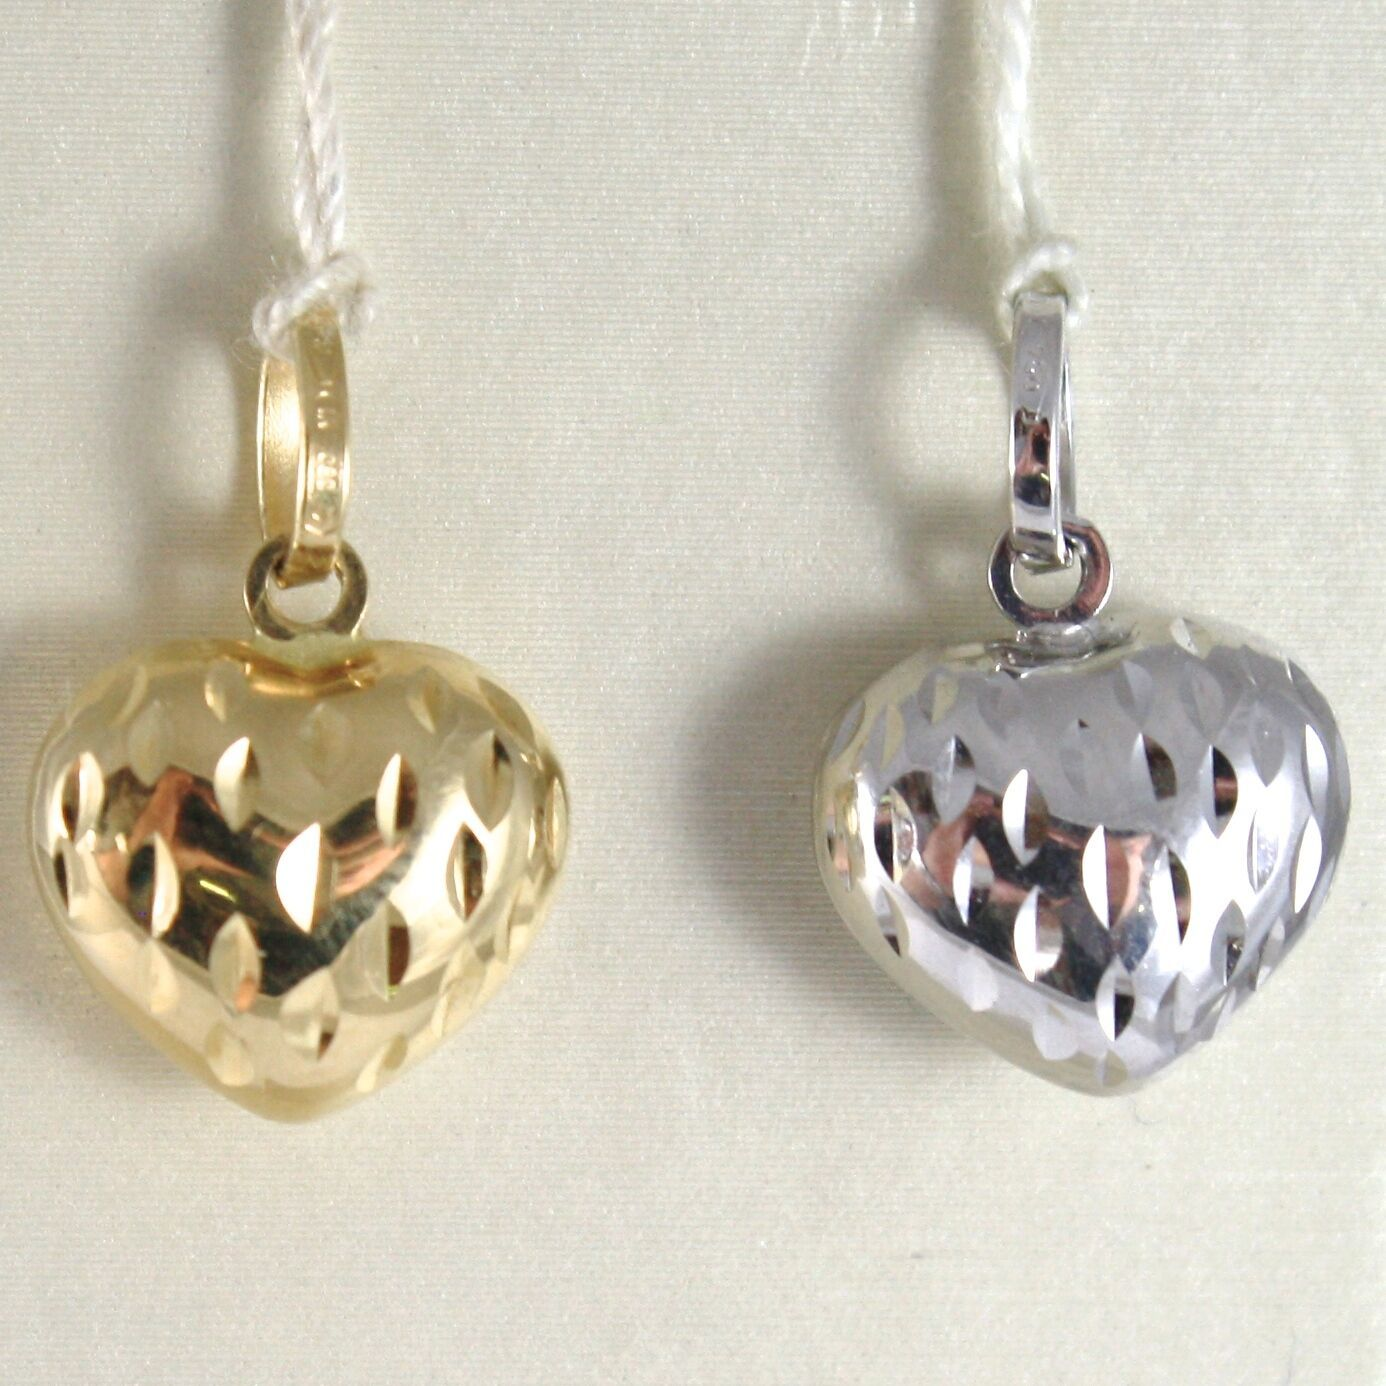 Gelb Gold Anhänger oder Weiß 750 18k, Herz Konvex, Doppel Face Made in Italy